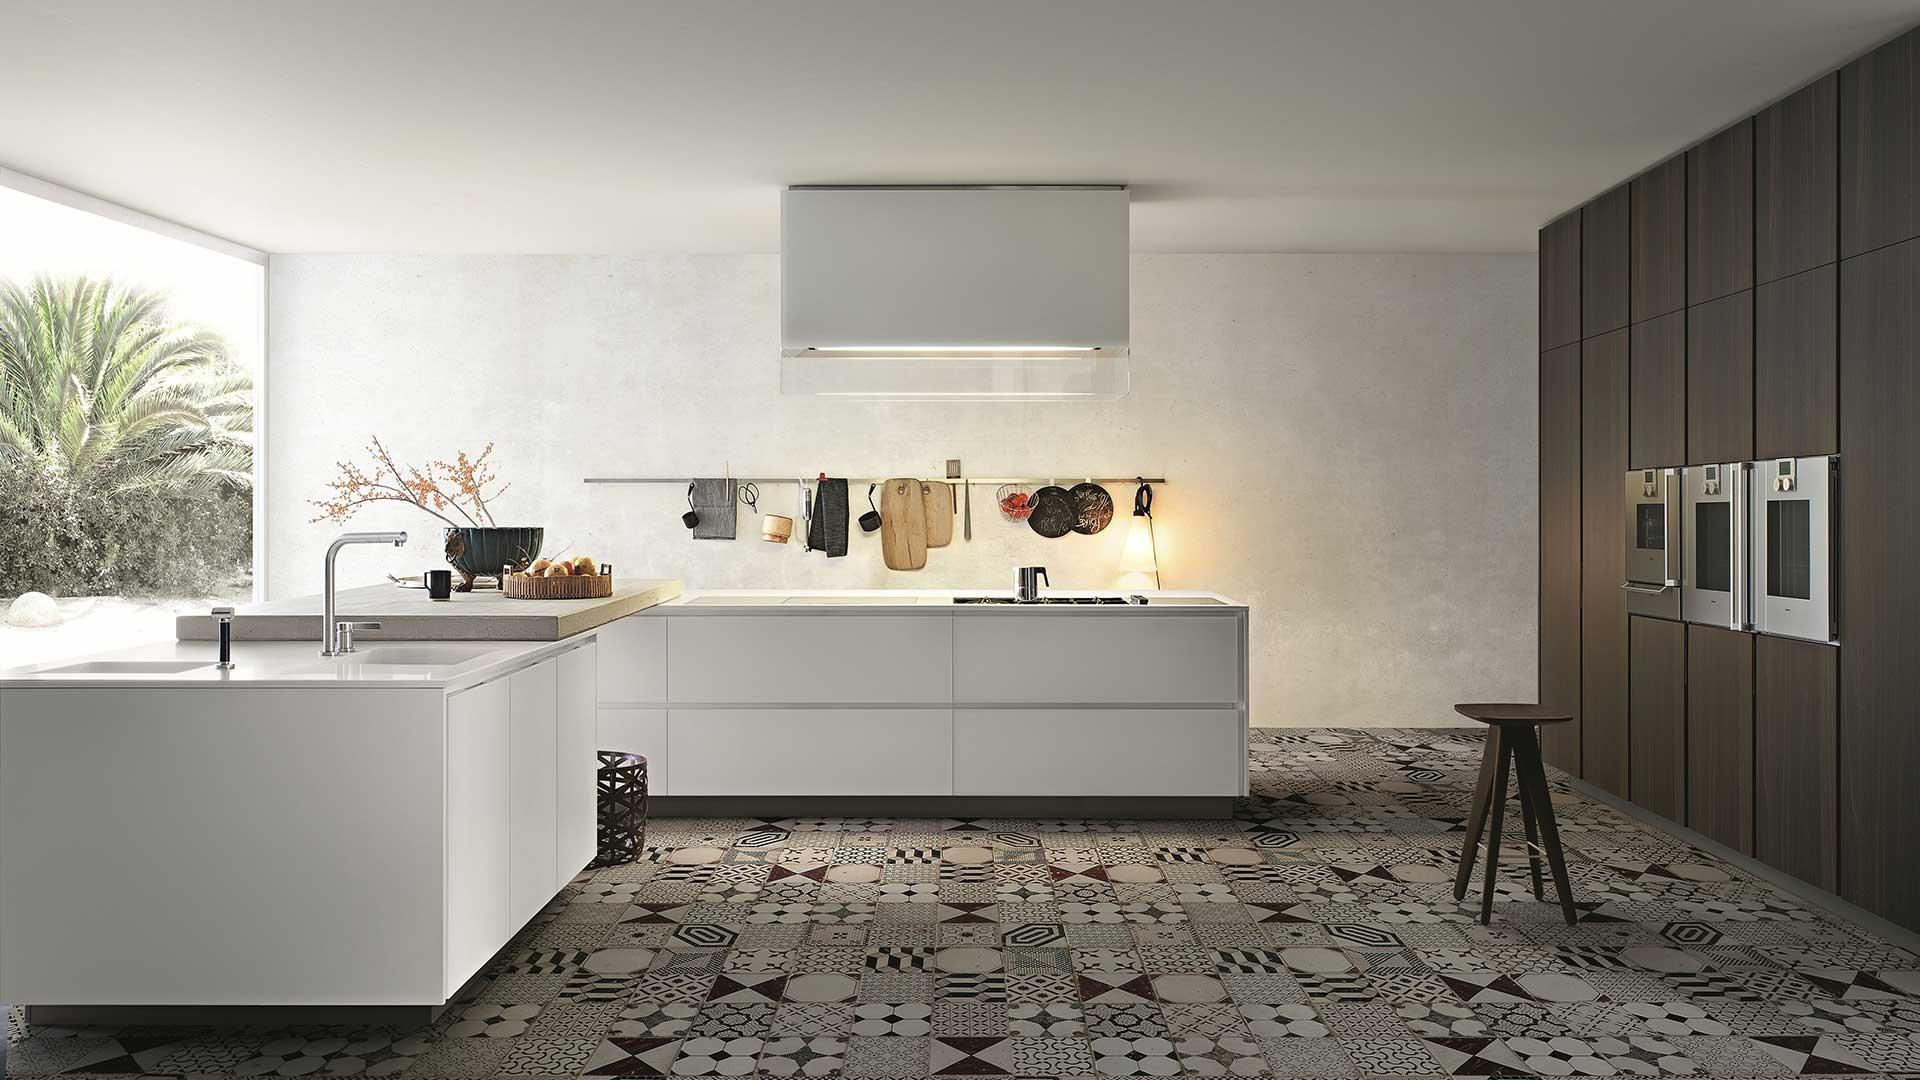 wohnzimmer dekorieren schwarz. Black Bedroom Furniture Sets. Home Design Ideas